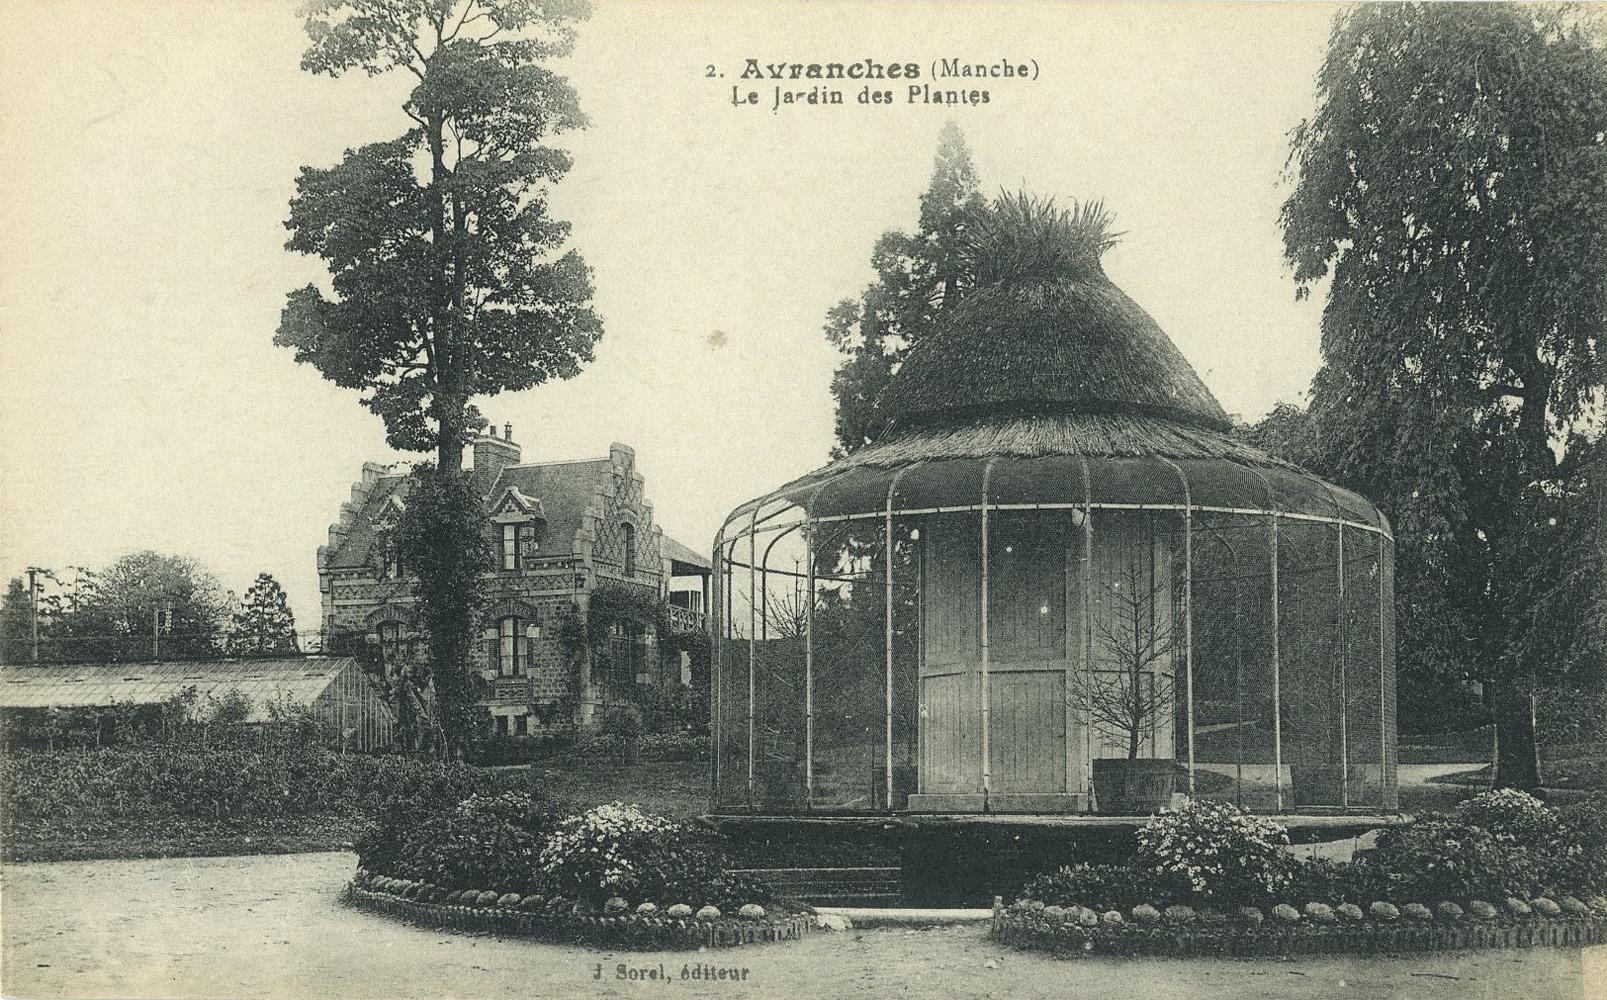 Les Zoos Dans Le Monde - Jardin Des Plantes D'avranches † concernant Le Jardin Des Plantes Avranches